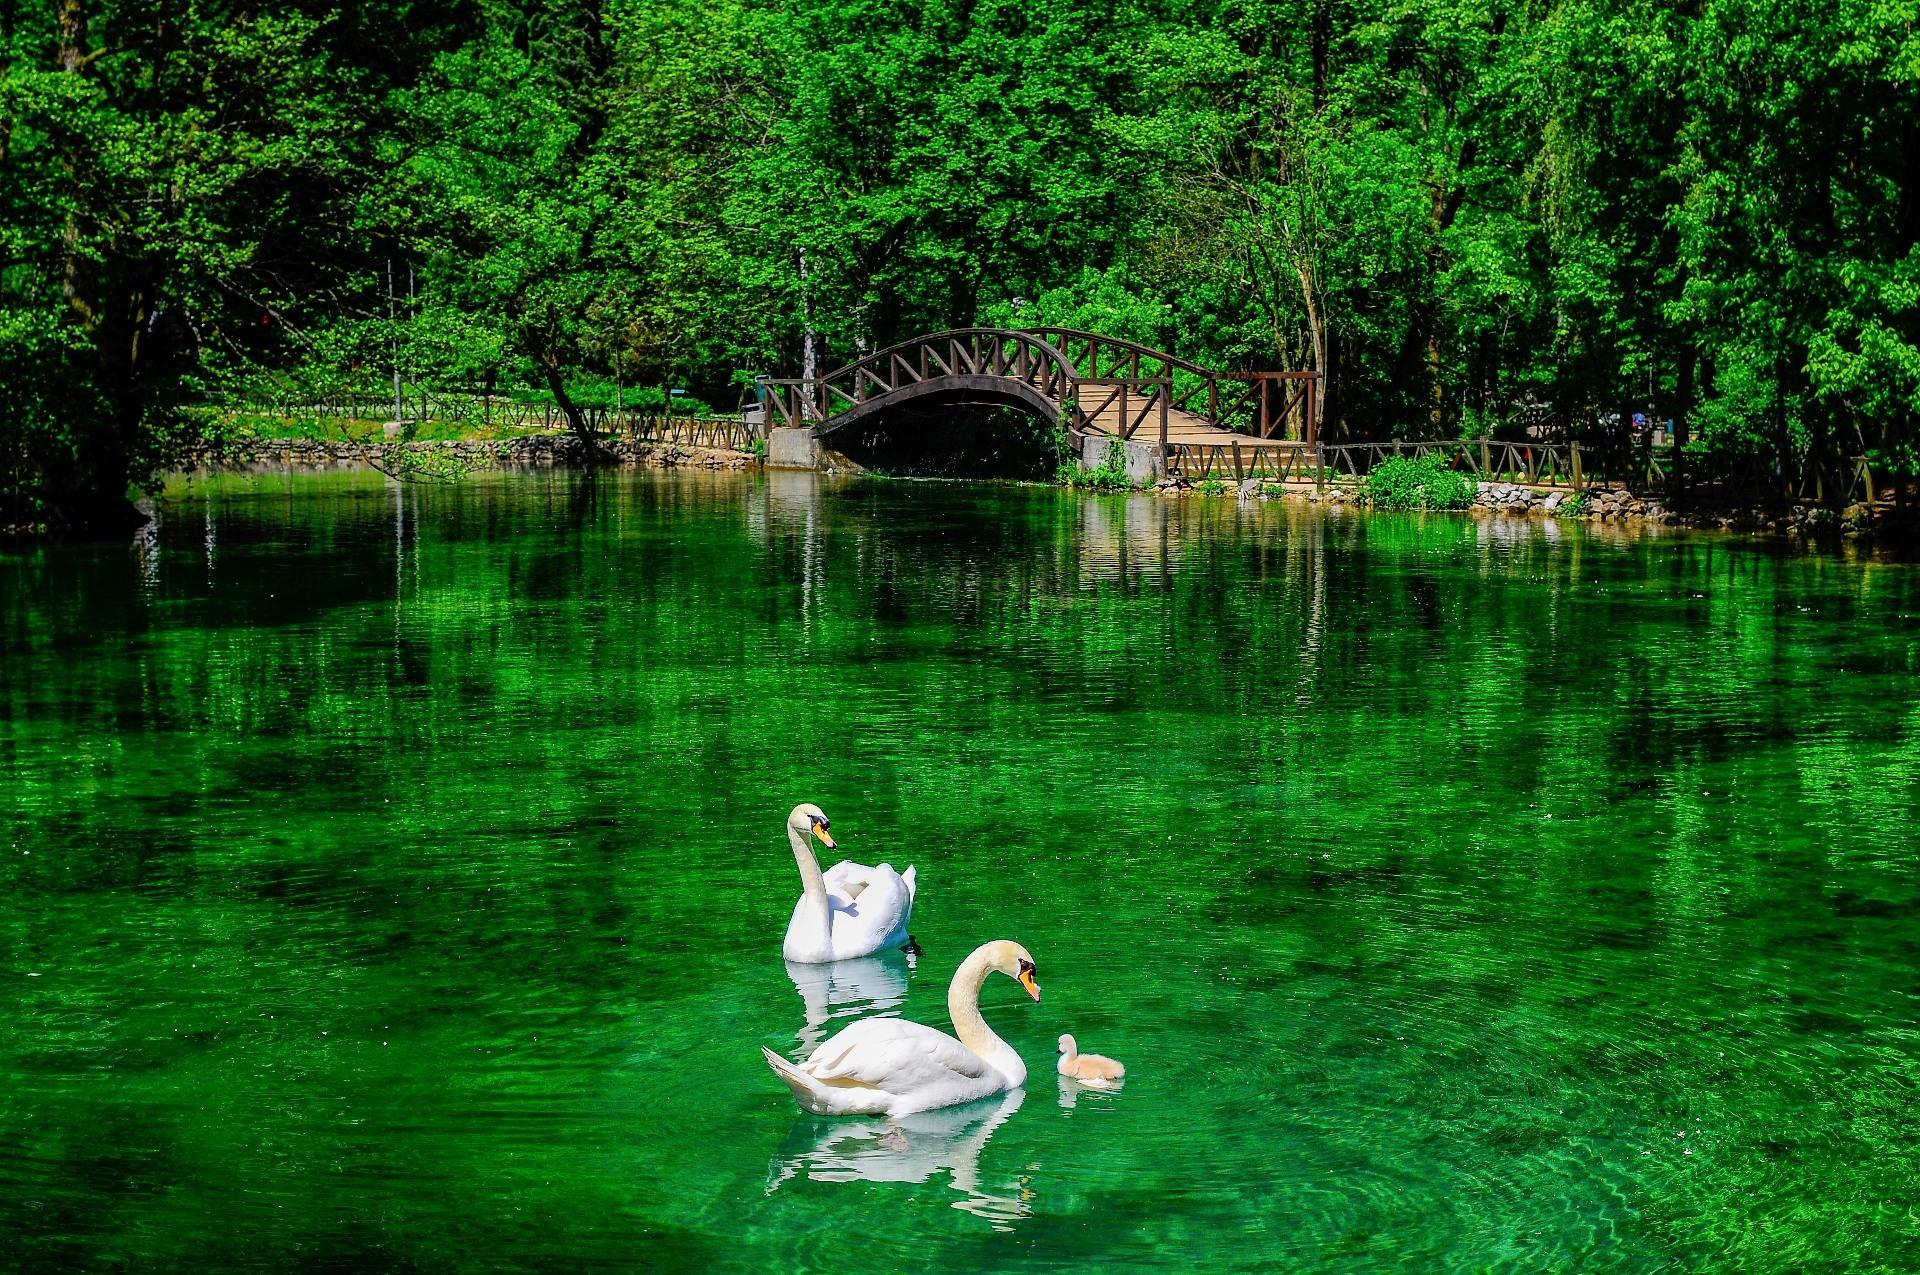 البوسنة والهرسك سراييفو اهم الاماكن السياحية حديقة ربيع البوسنه